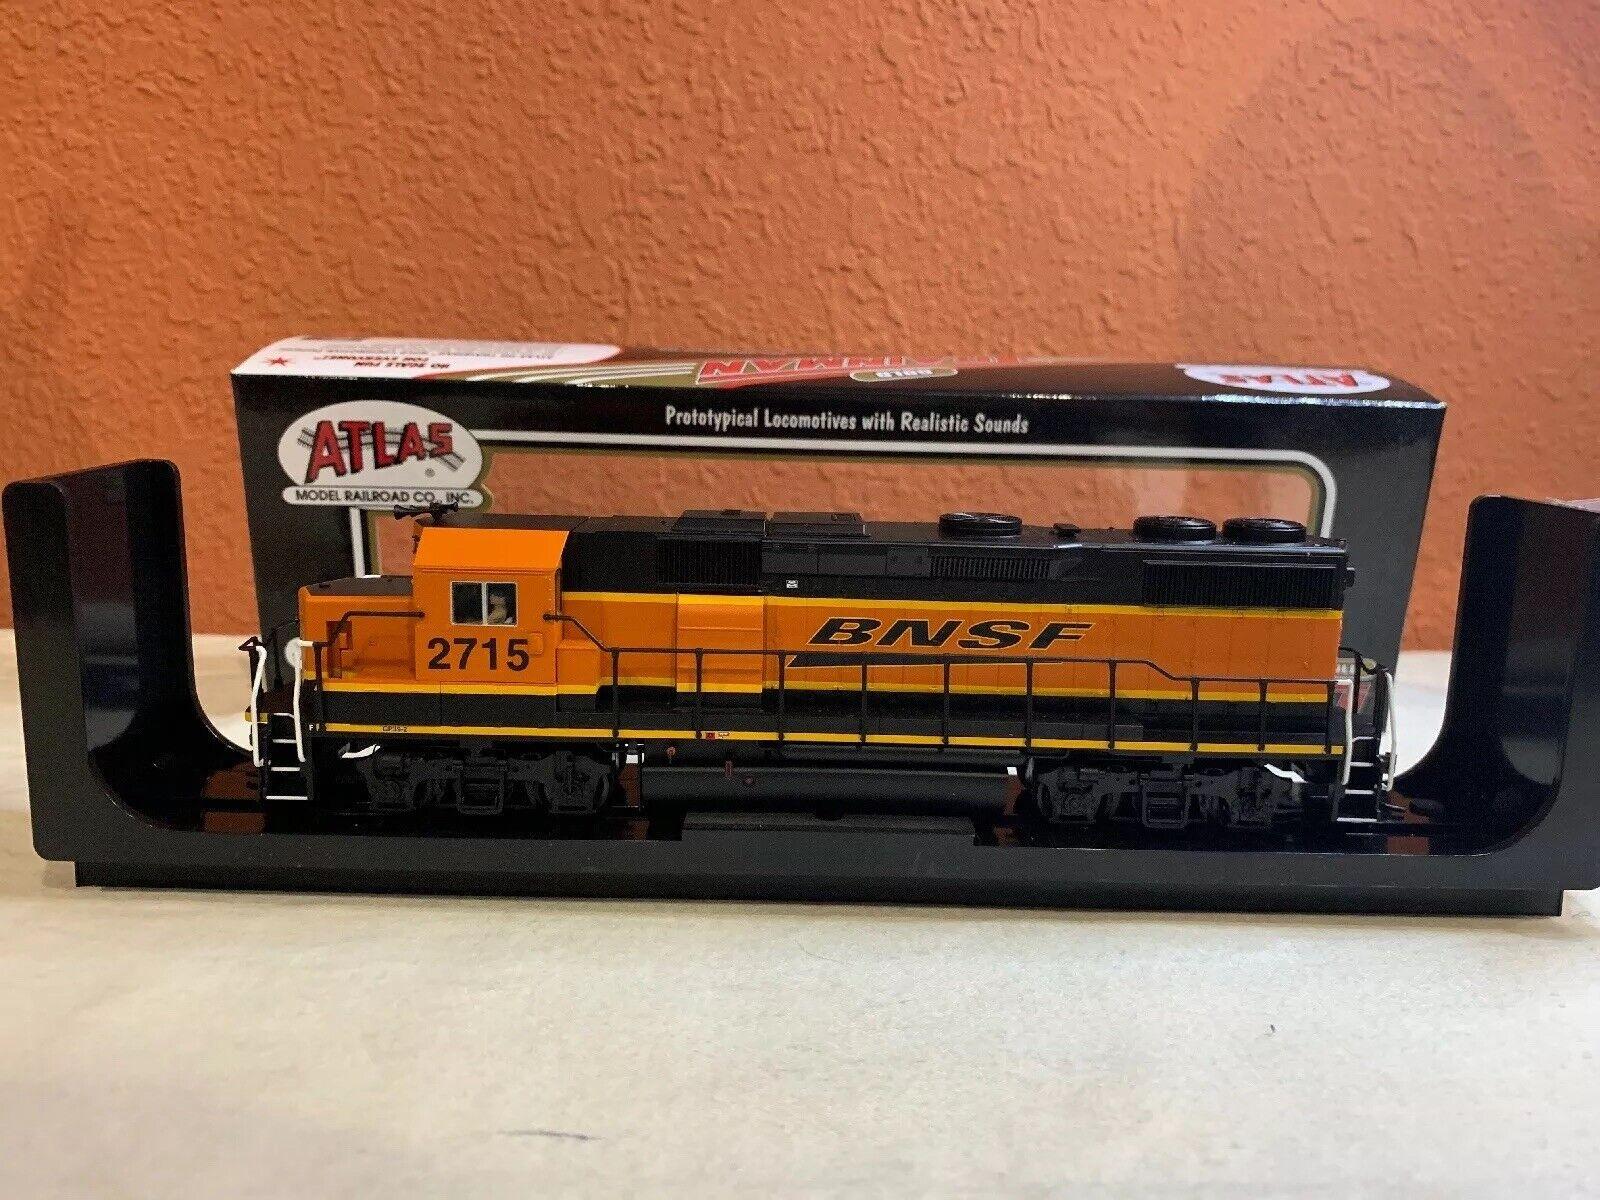 Escala Ho Atlas Trainman artículo oro  10001784 GP39 -2 ph 2 Loco BNSF Bold Heritag  2715